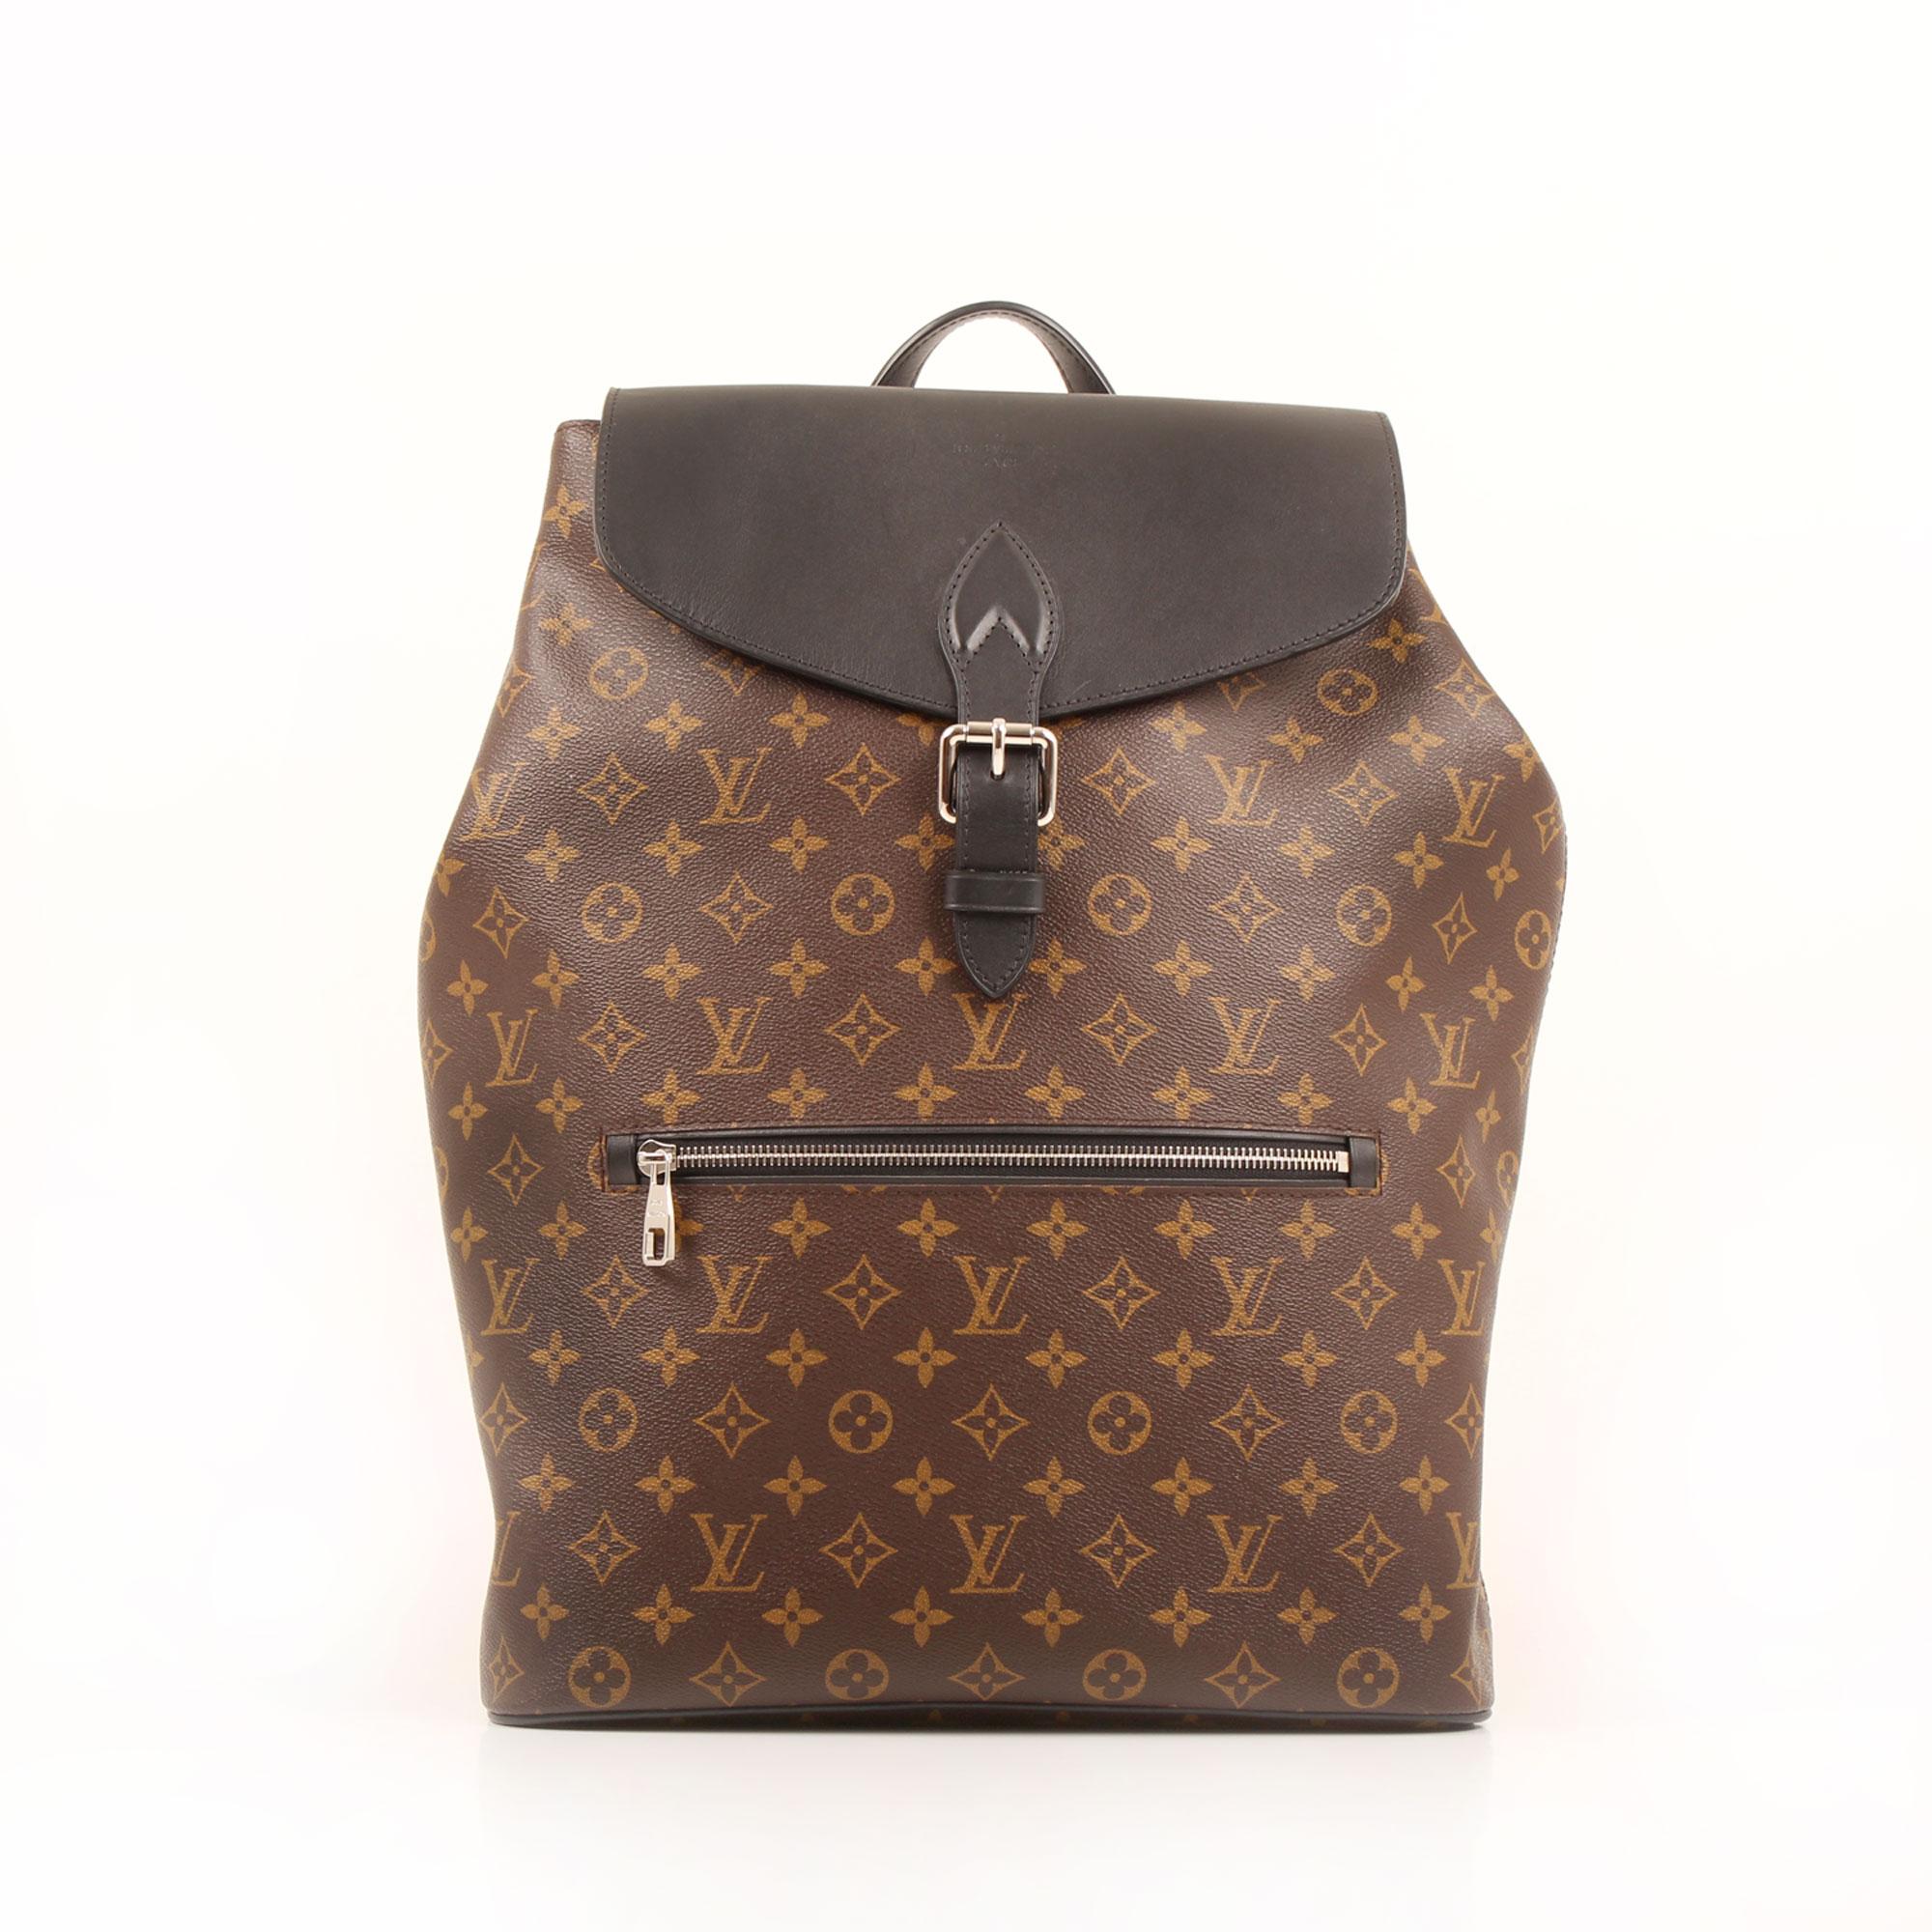 Imagen general de la mochila de louis vuitton palk monogram macassar